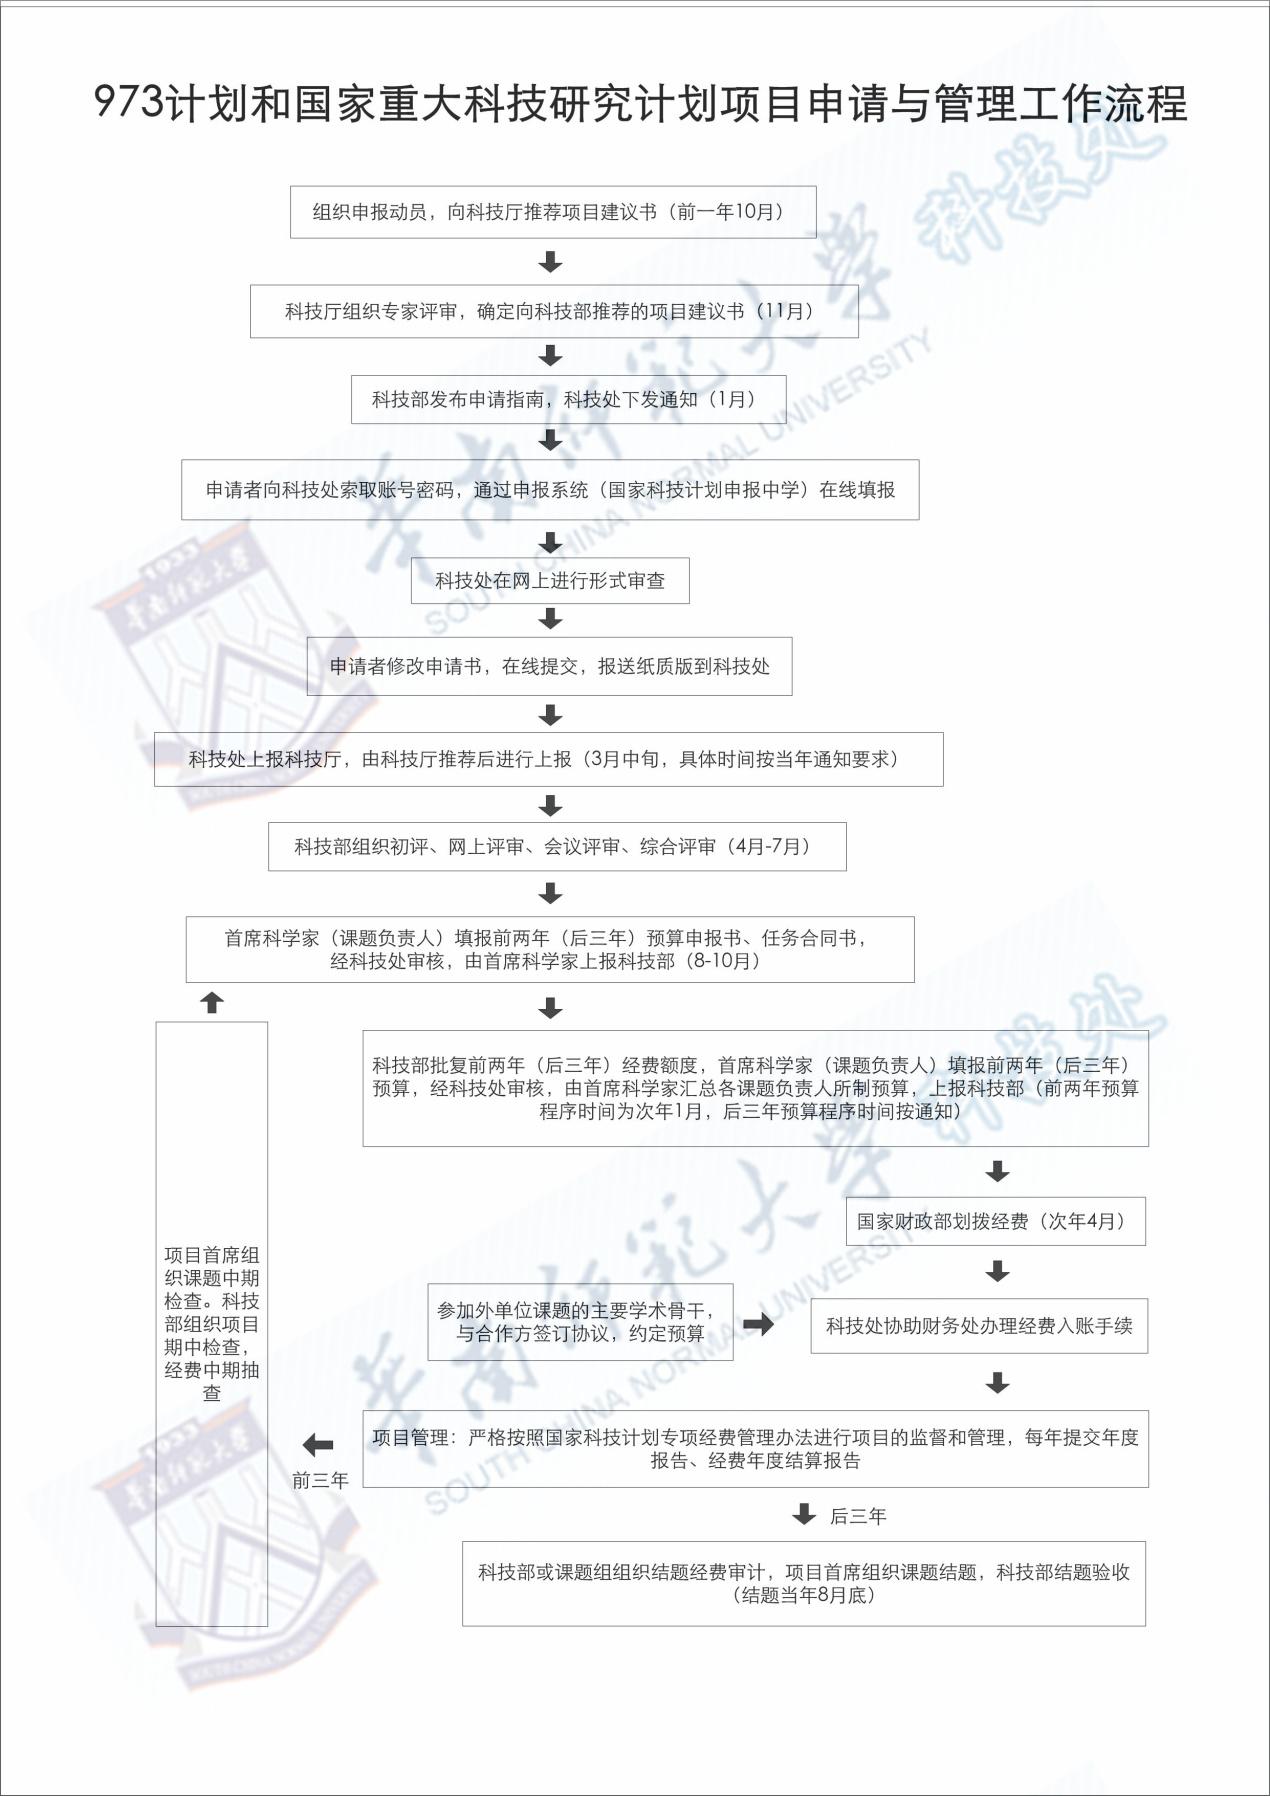 973计划和国家重大科技研究计划项目申请与管理工作流程